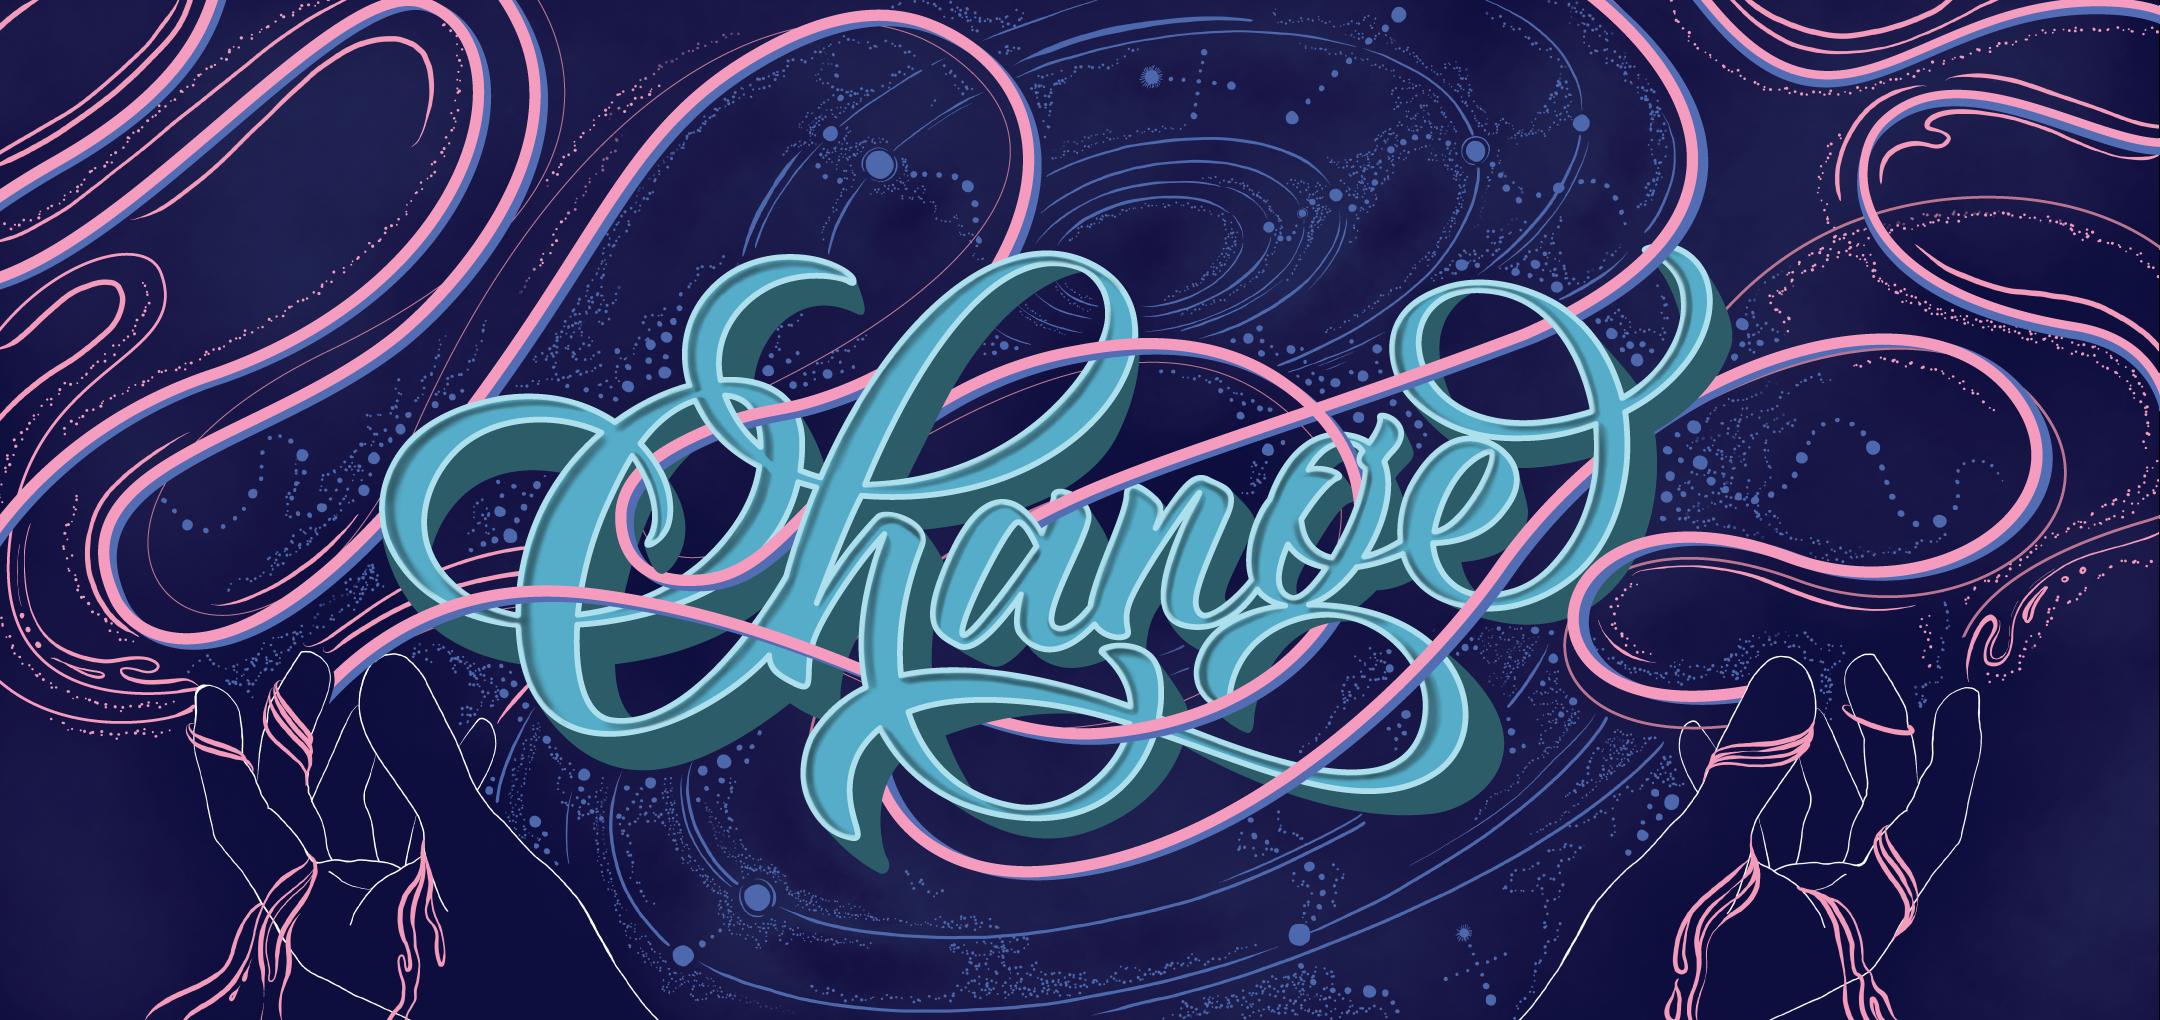 Change Sk8 For Gr8